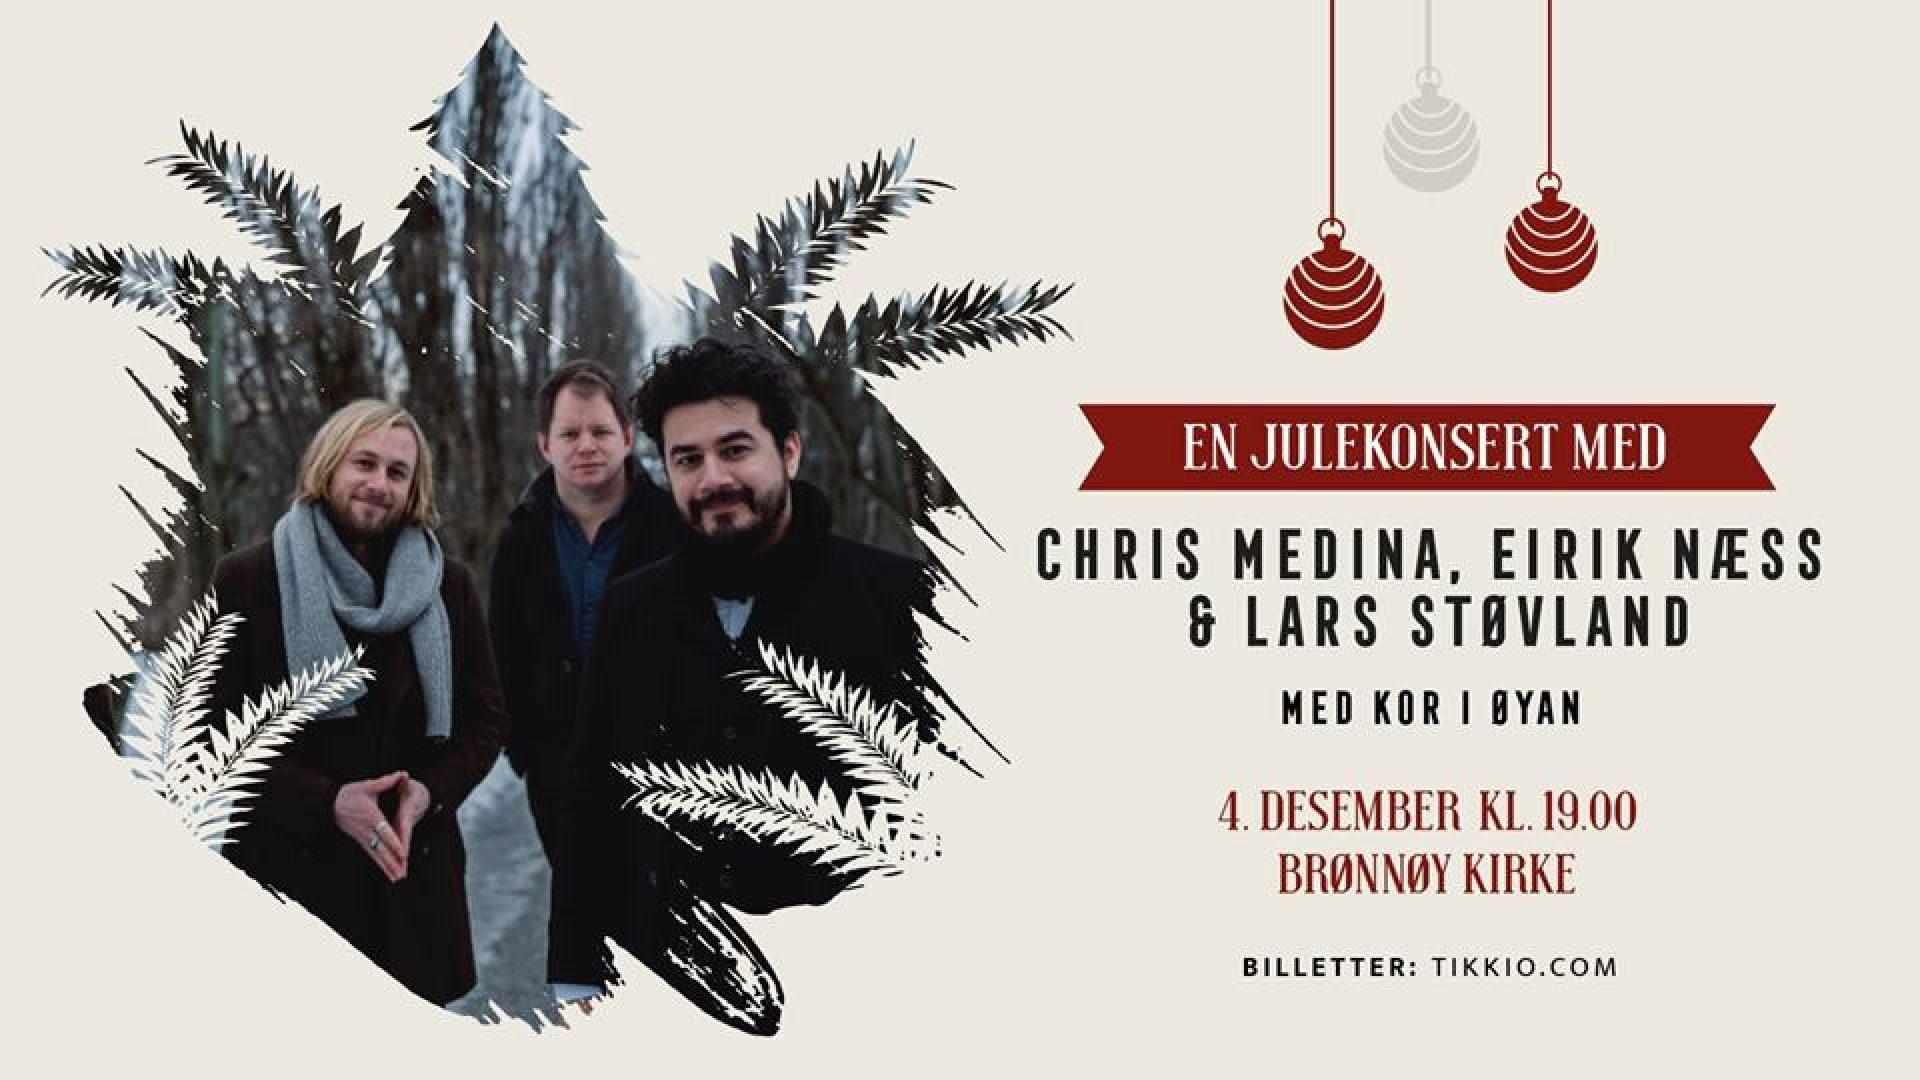 plakat for julekonsert i Brønnøy